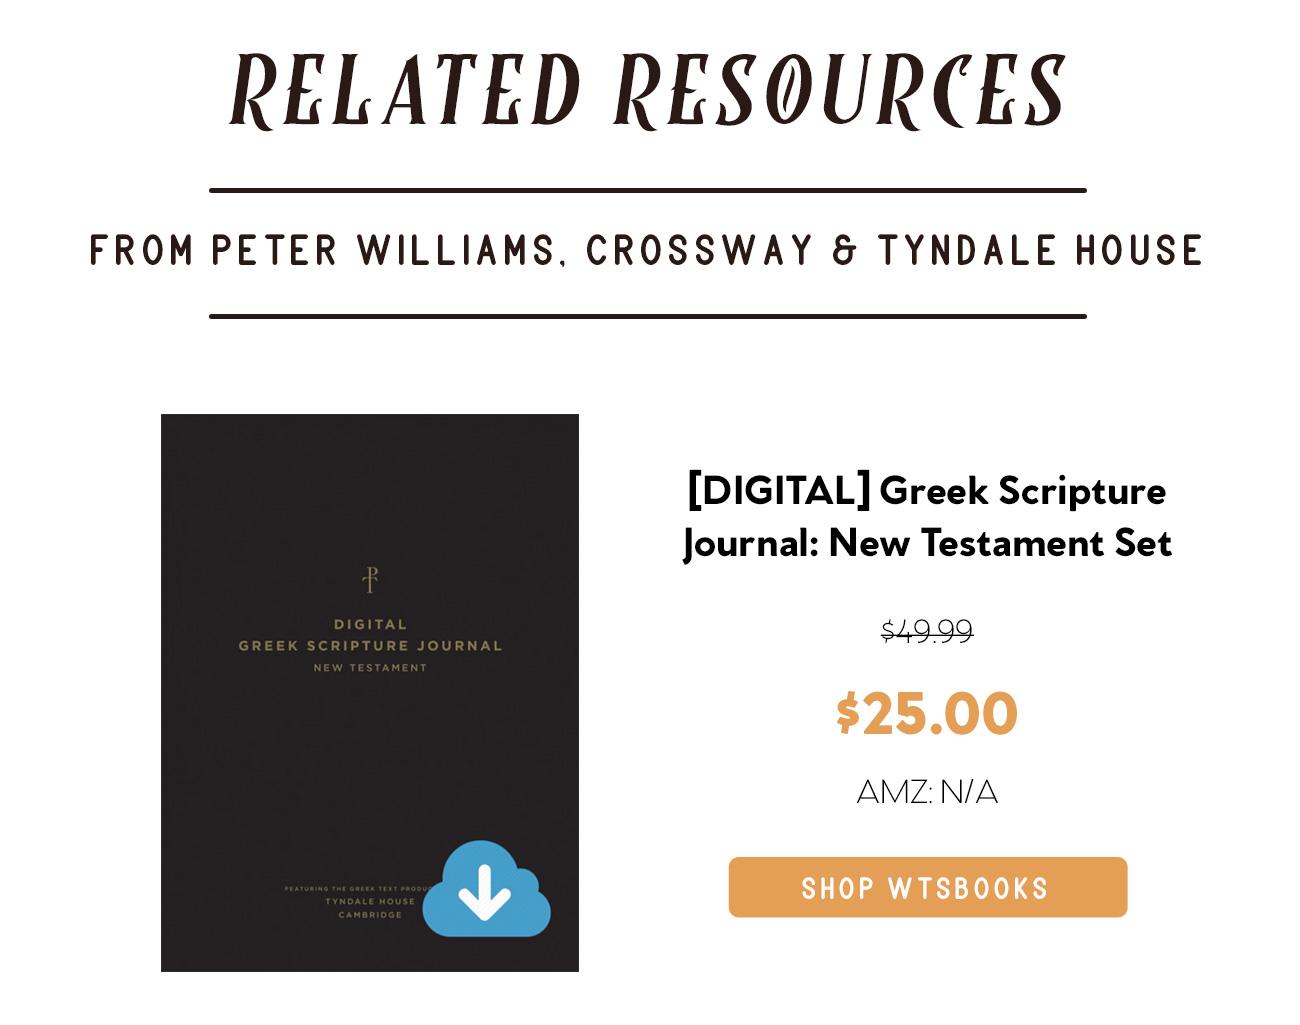 Digital Greek Scripture Journal